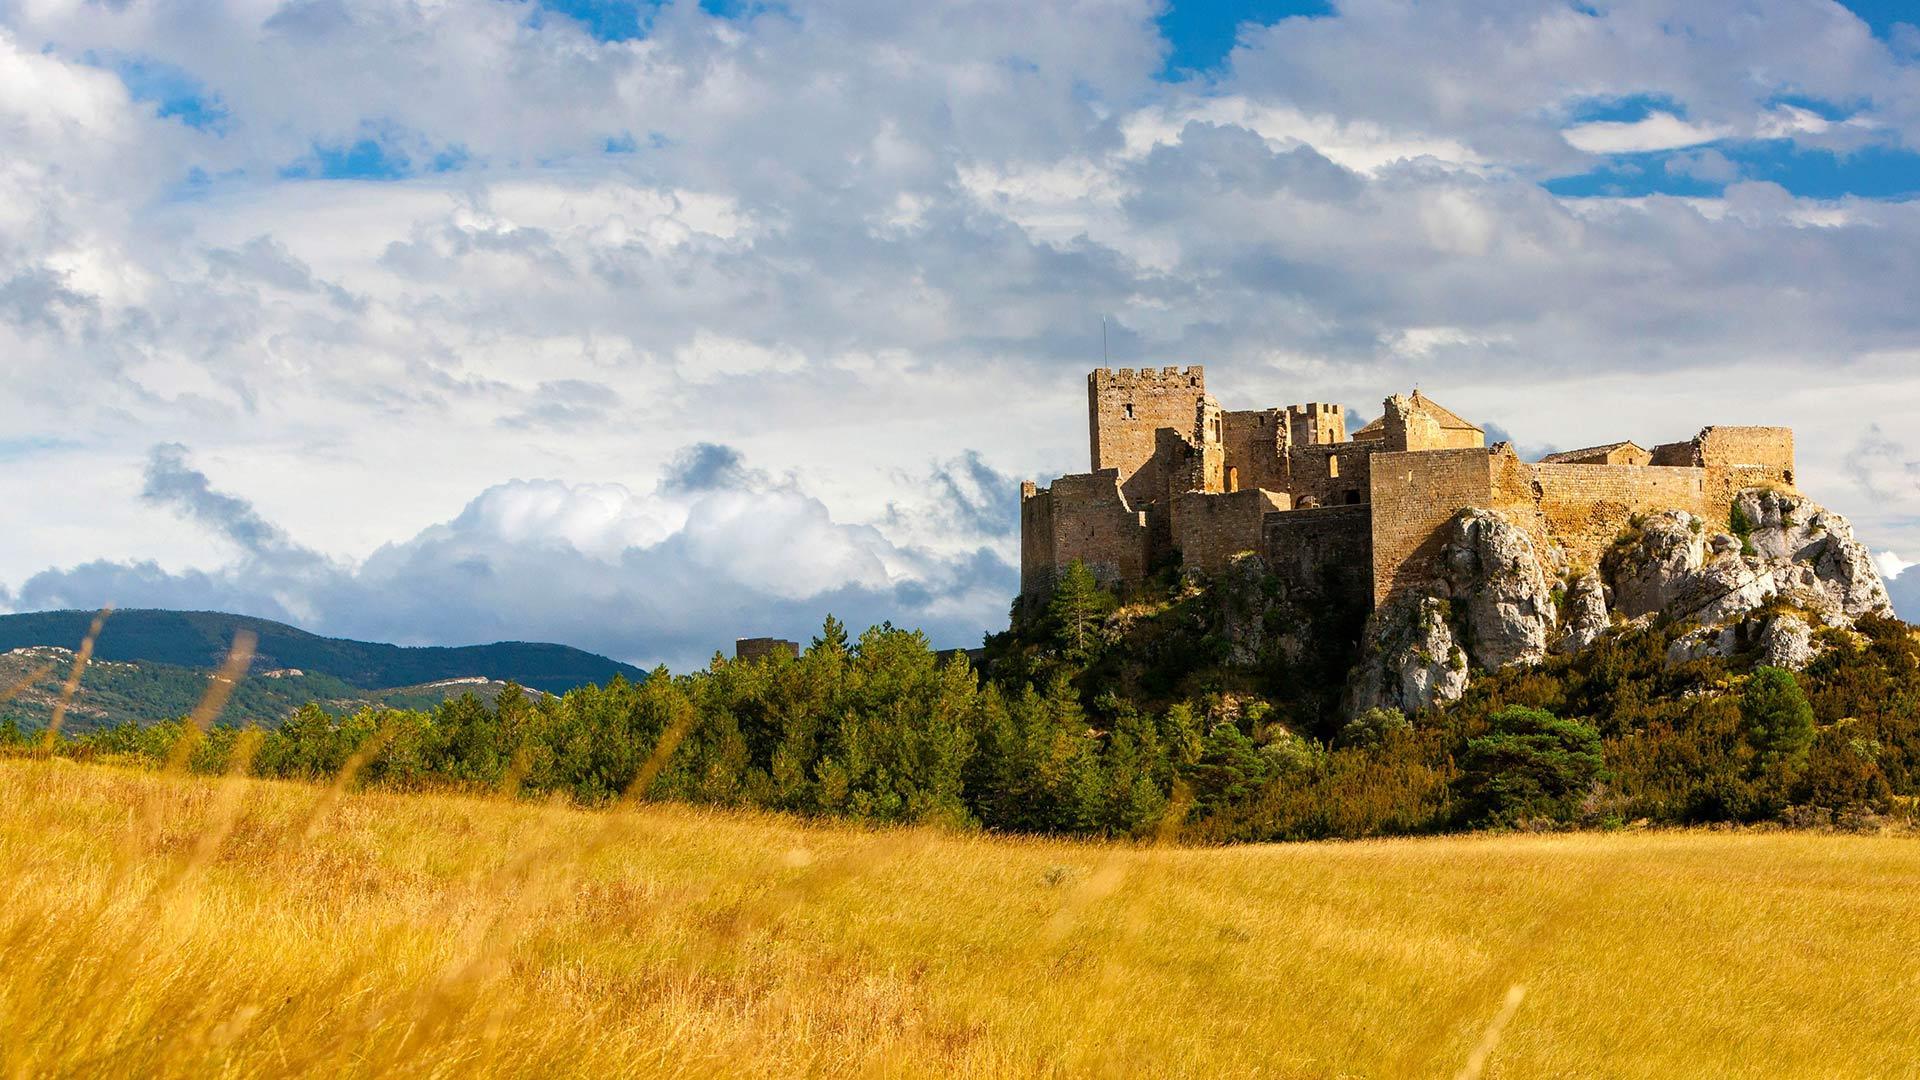 洛阿雷城堡洛阿雷城堡